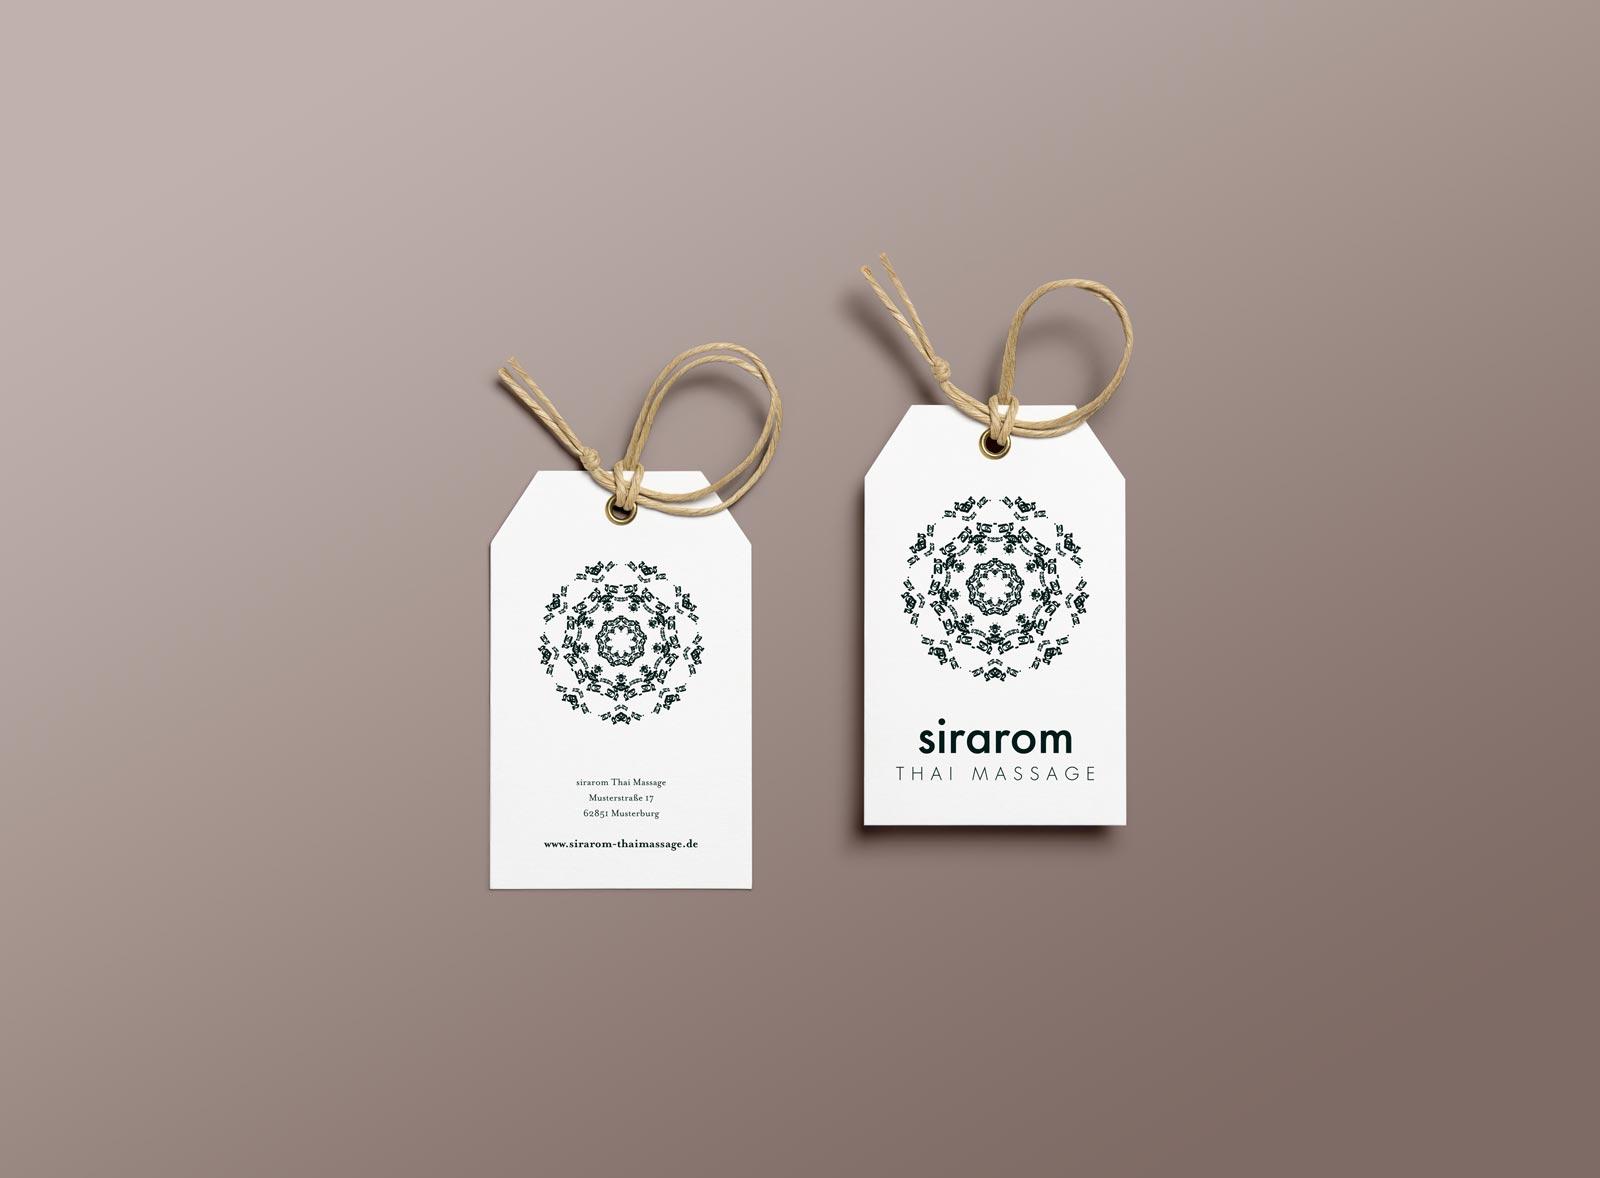 sirarom Thai Massage Label Packaging Etiketten Gesa Siebert Kommunikationsdesign